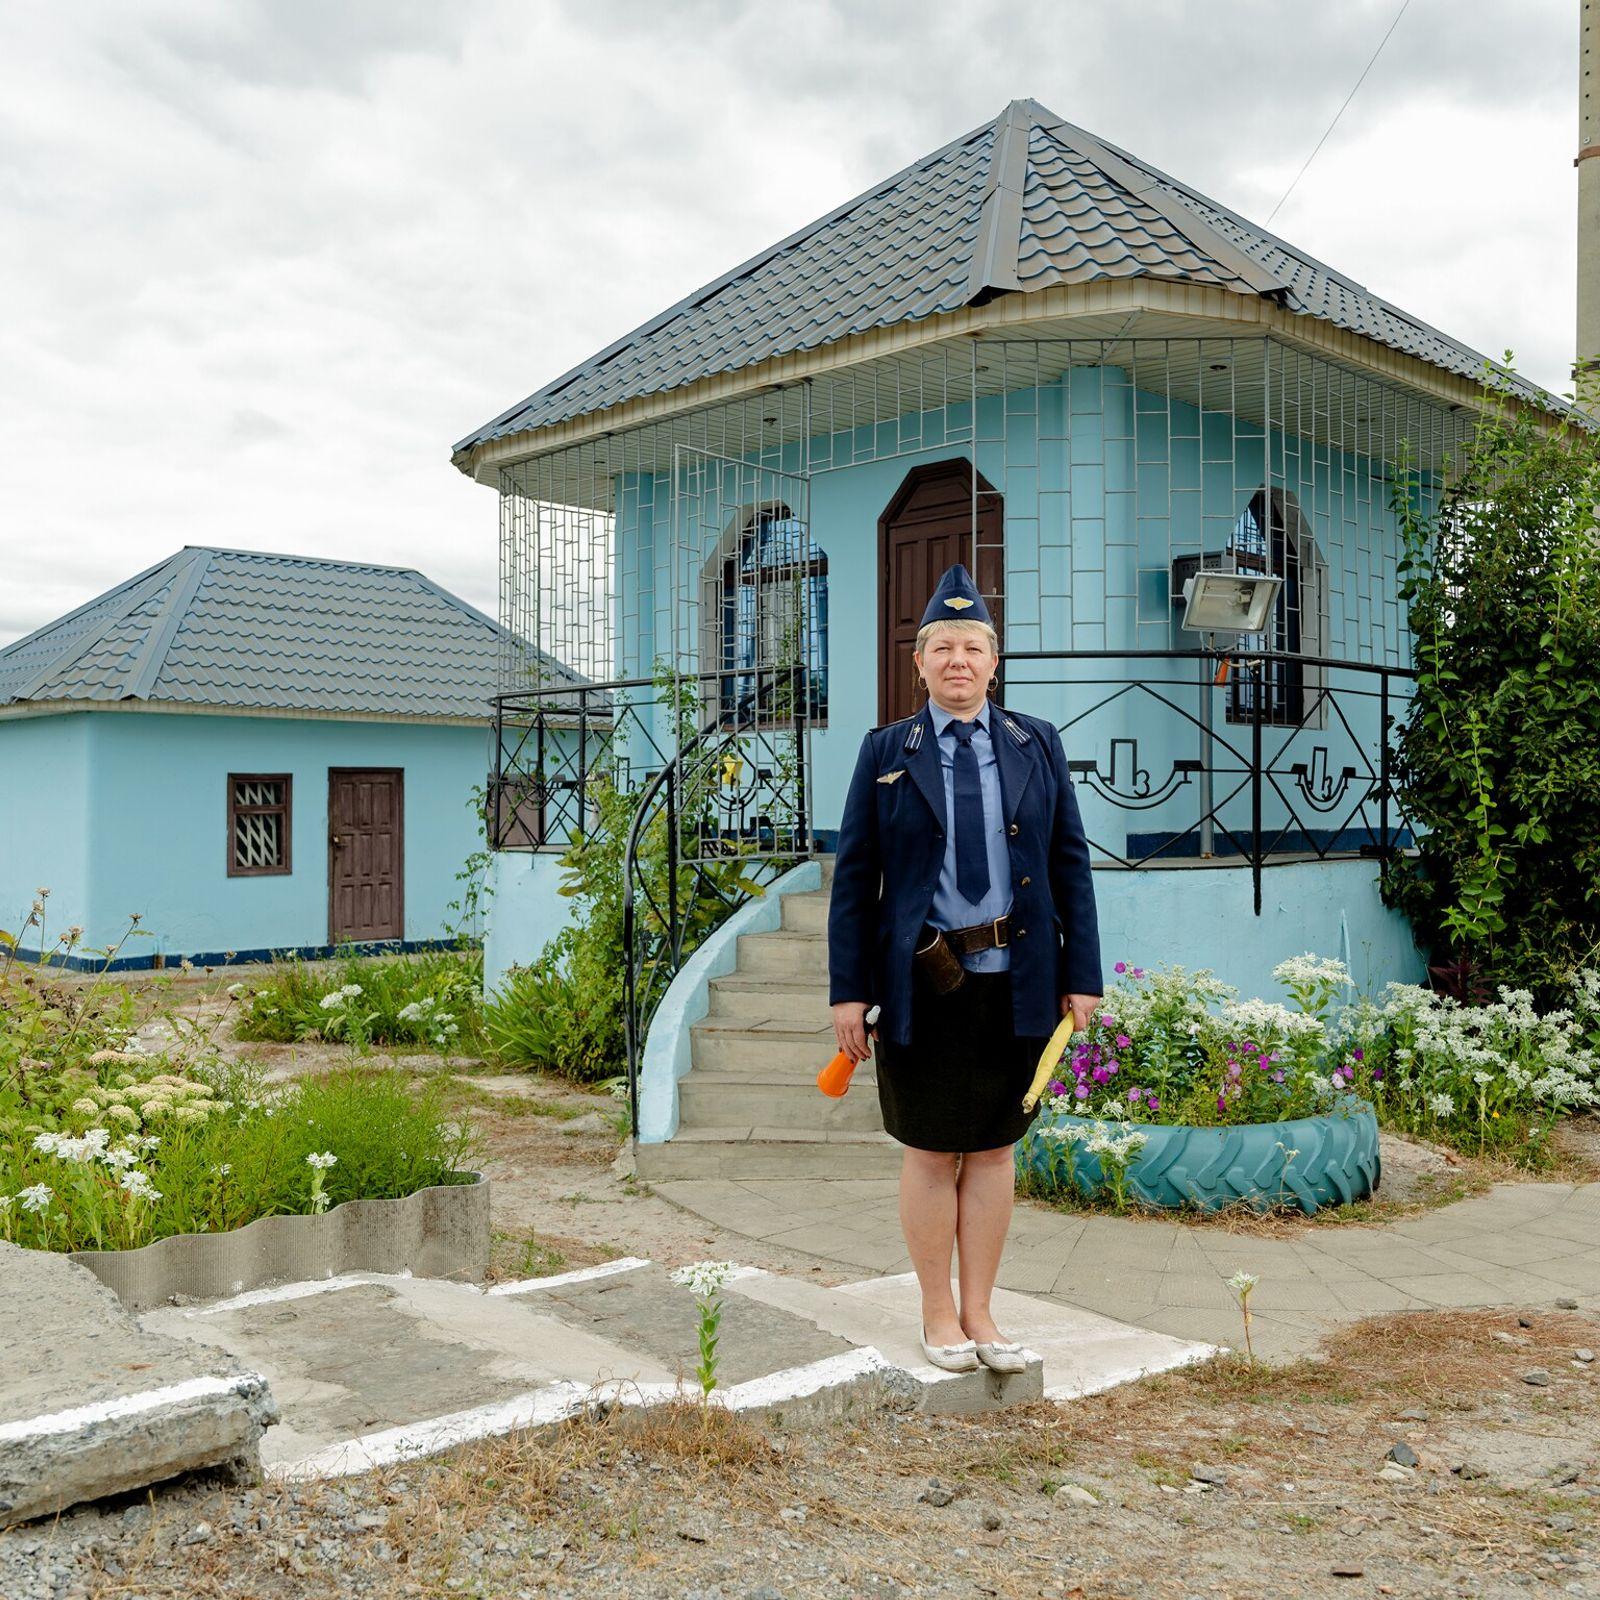 Schienenwärterin vor einem Bahnwärterhaus in der Ukraine